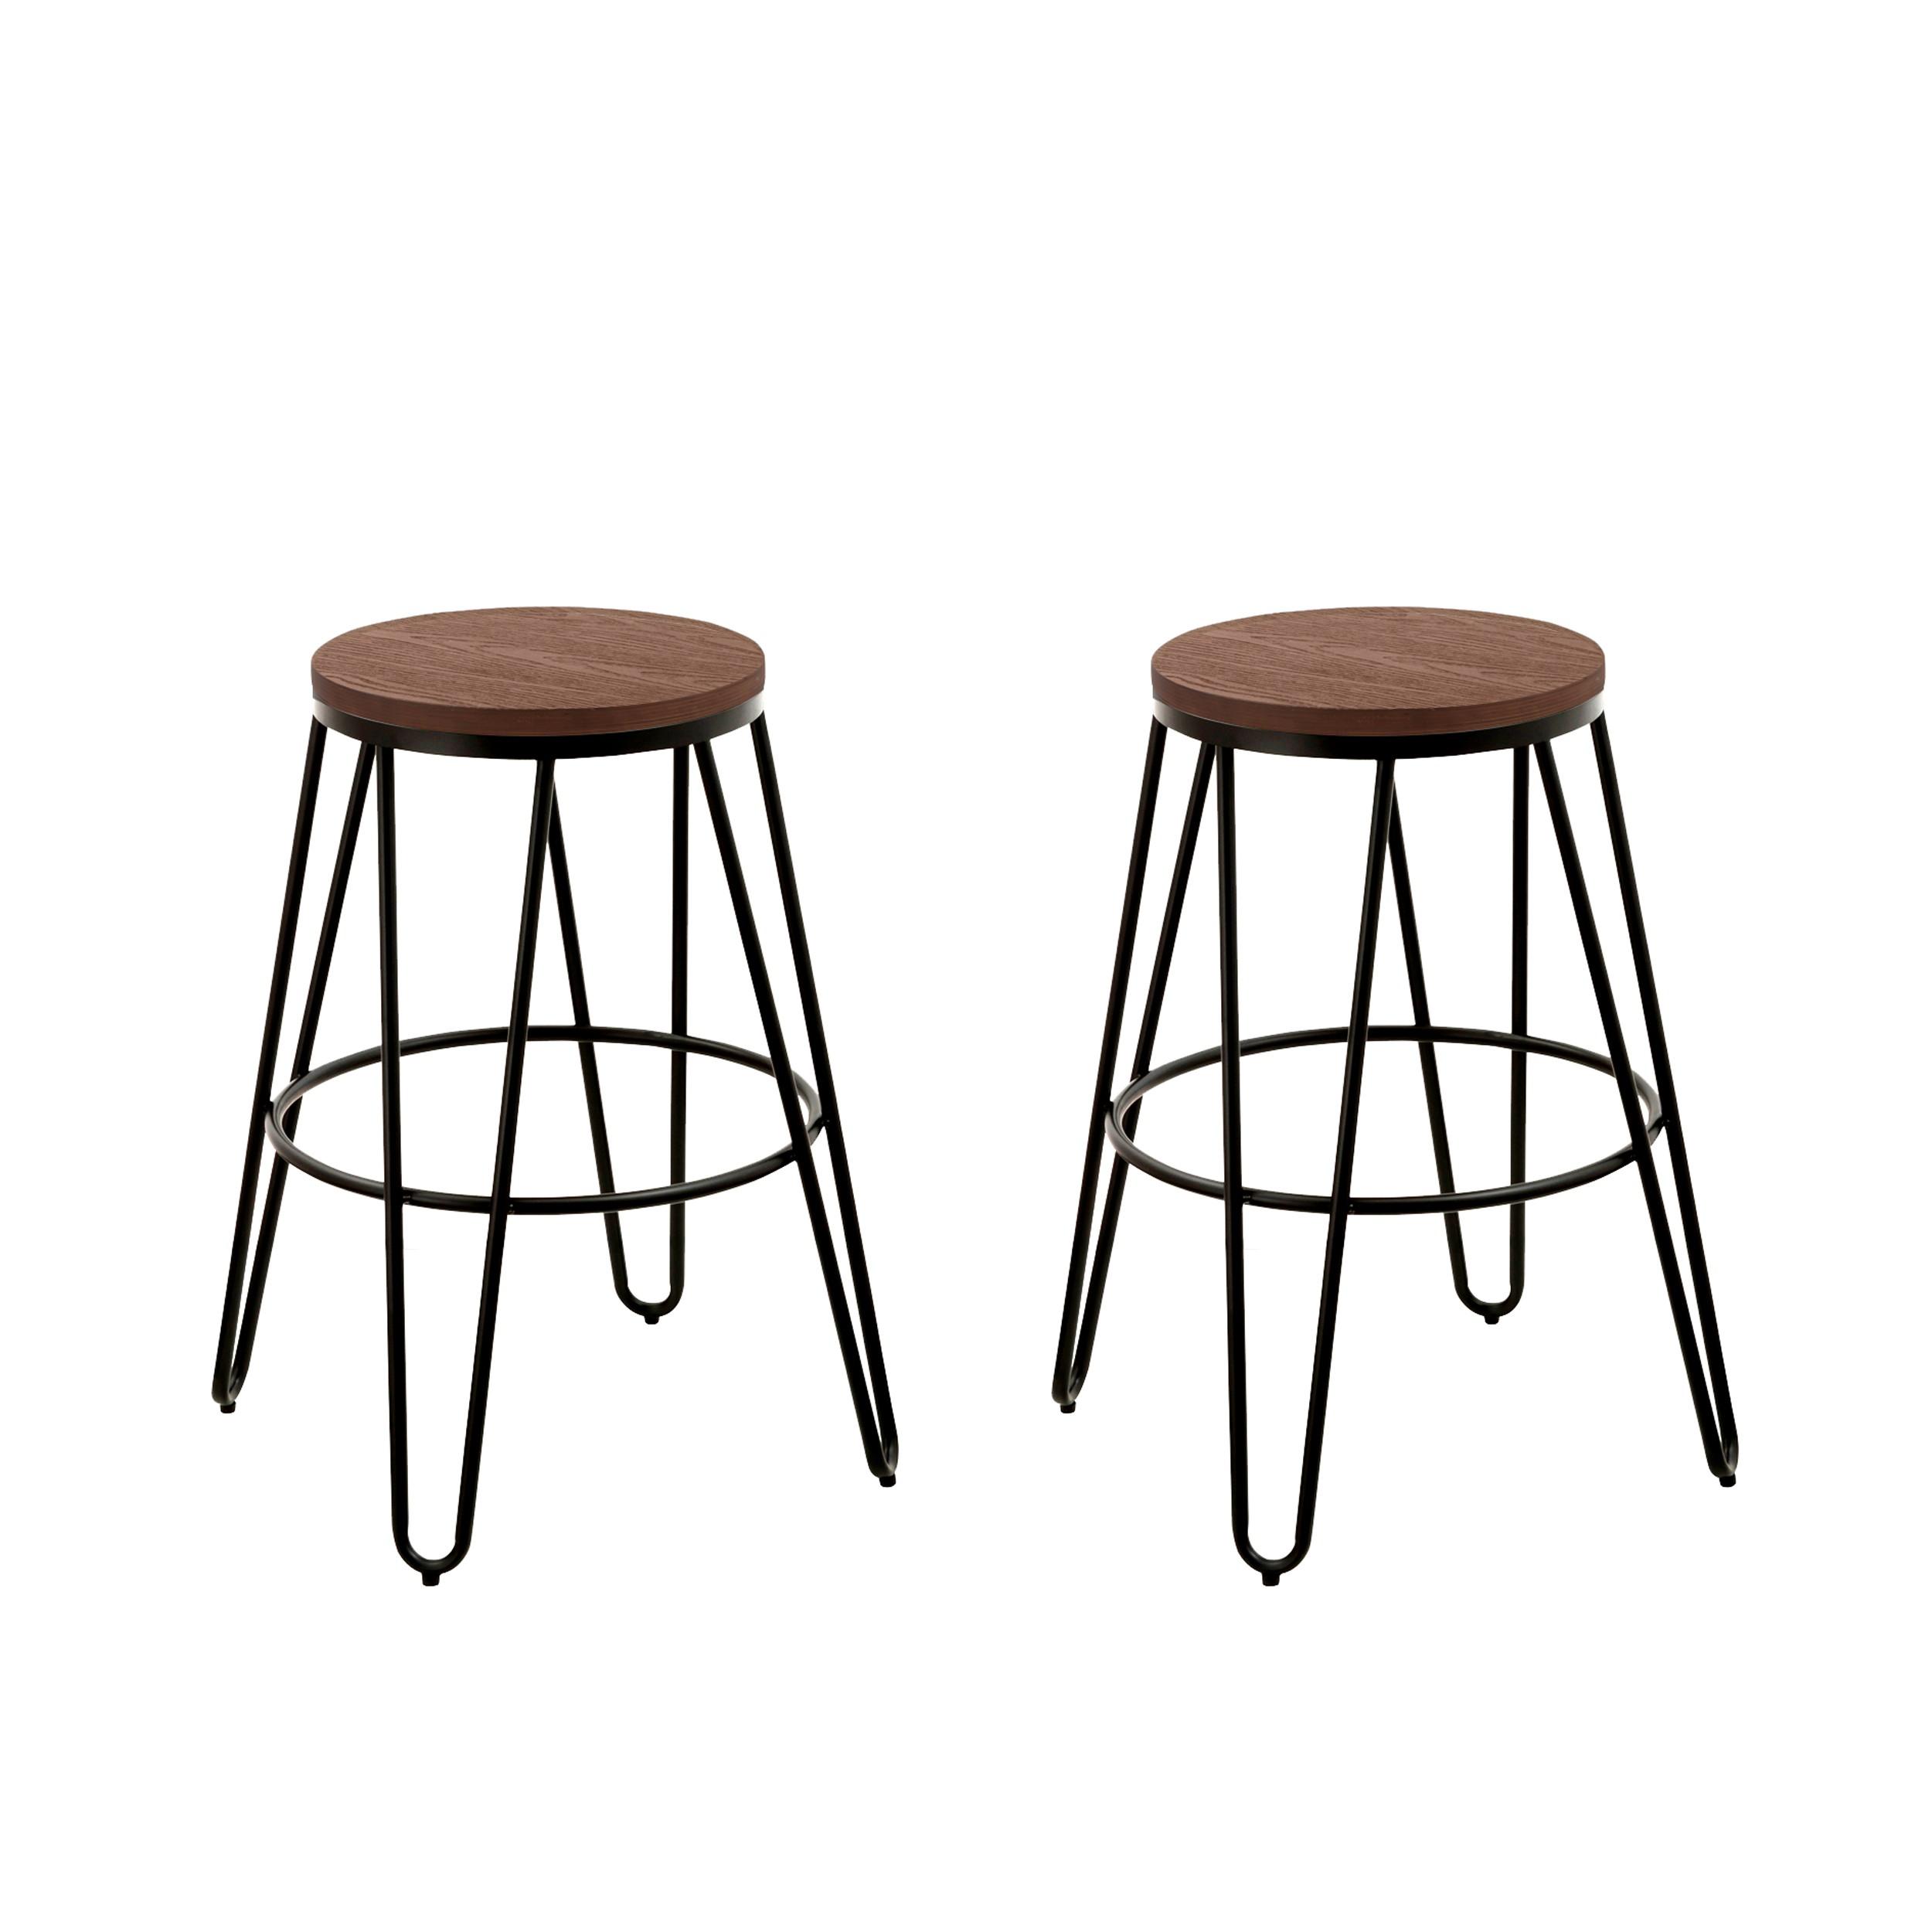 tabouret de bar industry lot de 2 achetez les tabourets de bar industry lot de 2 rdv d co. Black Bedroom Furniture Sets. Home Design Ideas